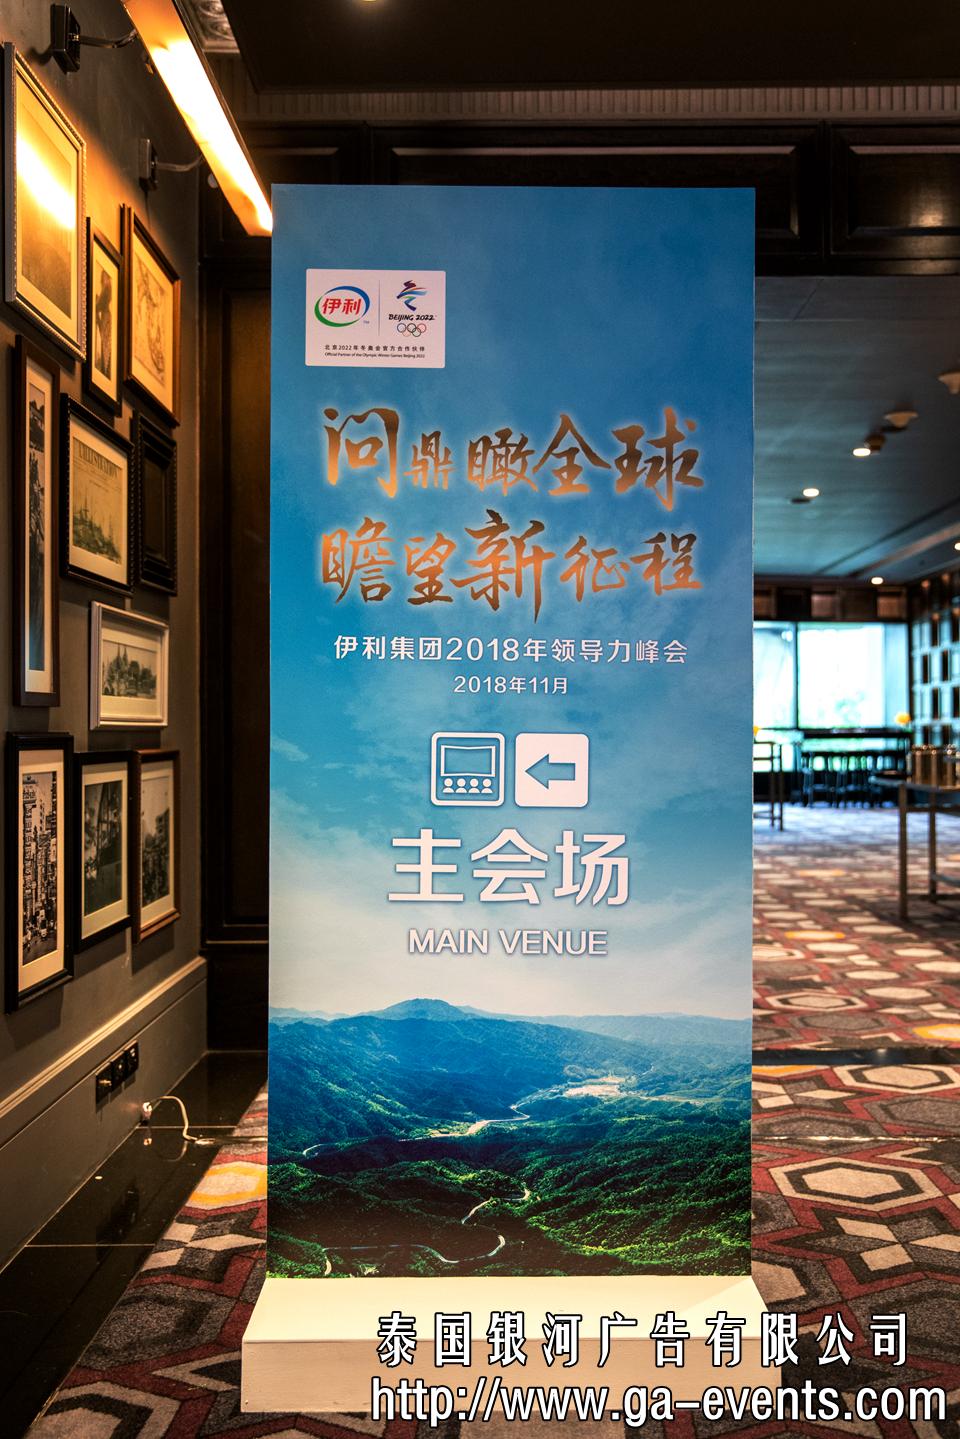 伊利泰國領導力峰會策劃-泰國峰會策劃-伊利泰國活動策劃:泰國銀河廣告有限公司